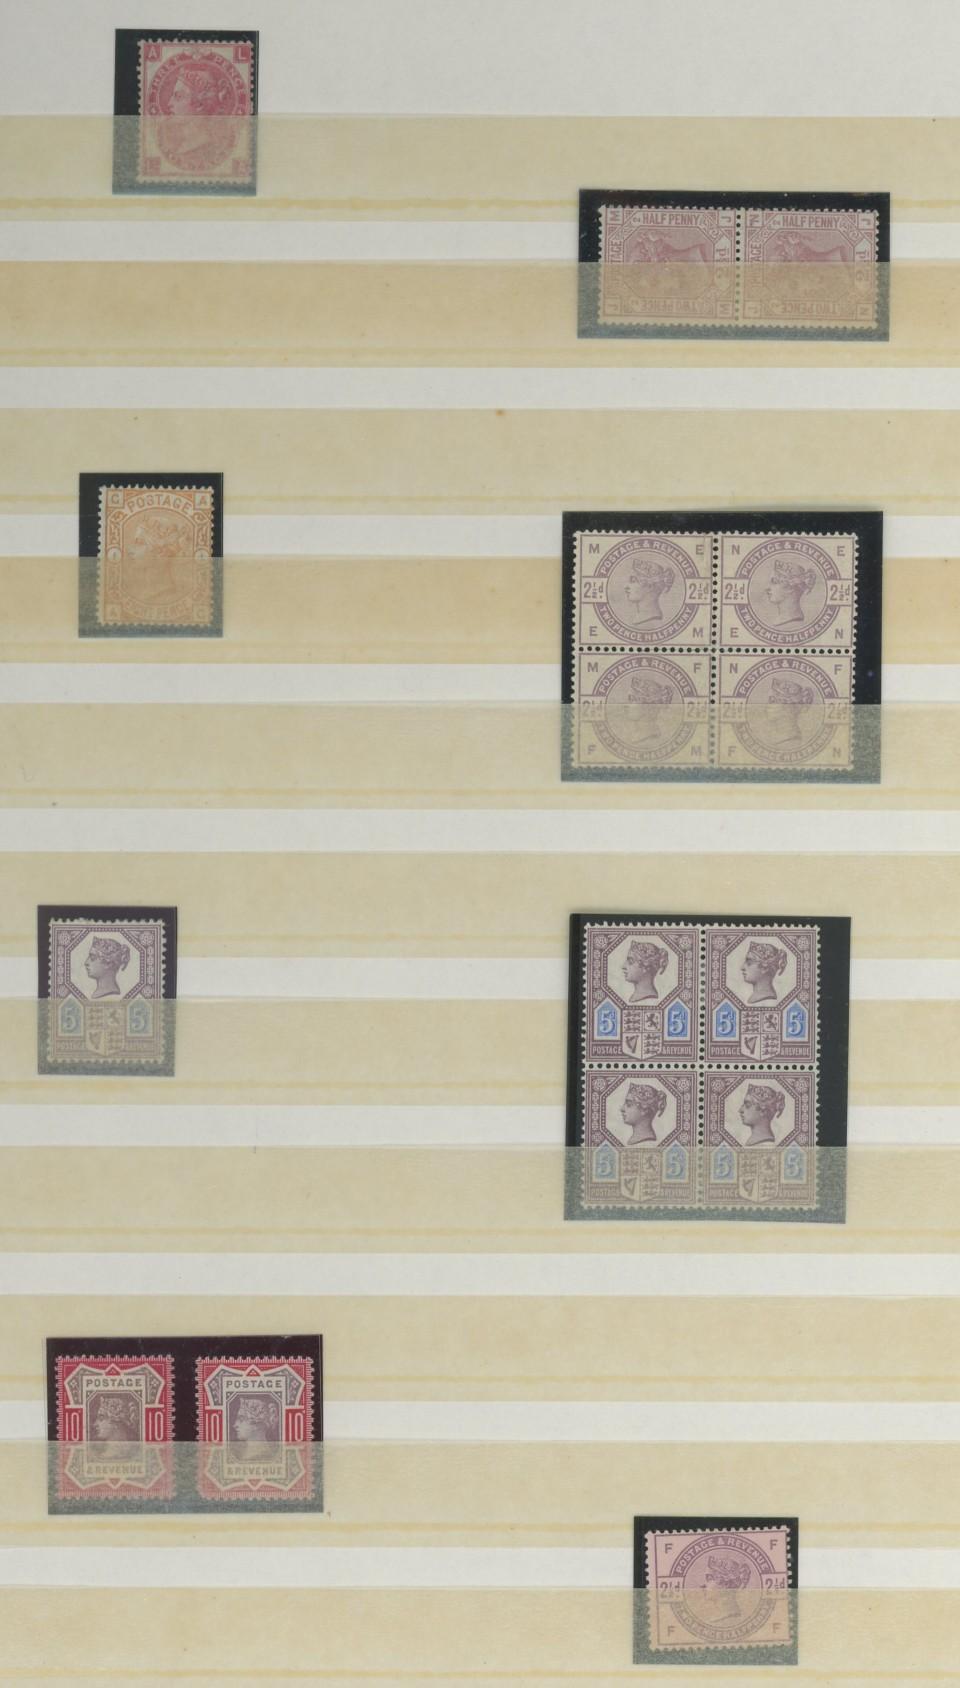 Better Mint range incl. multiples, colour trial, 1887 5d Die I, etc.